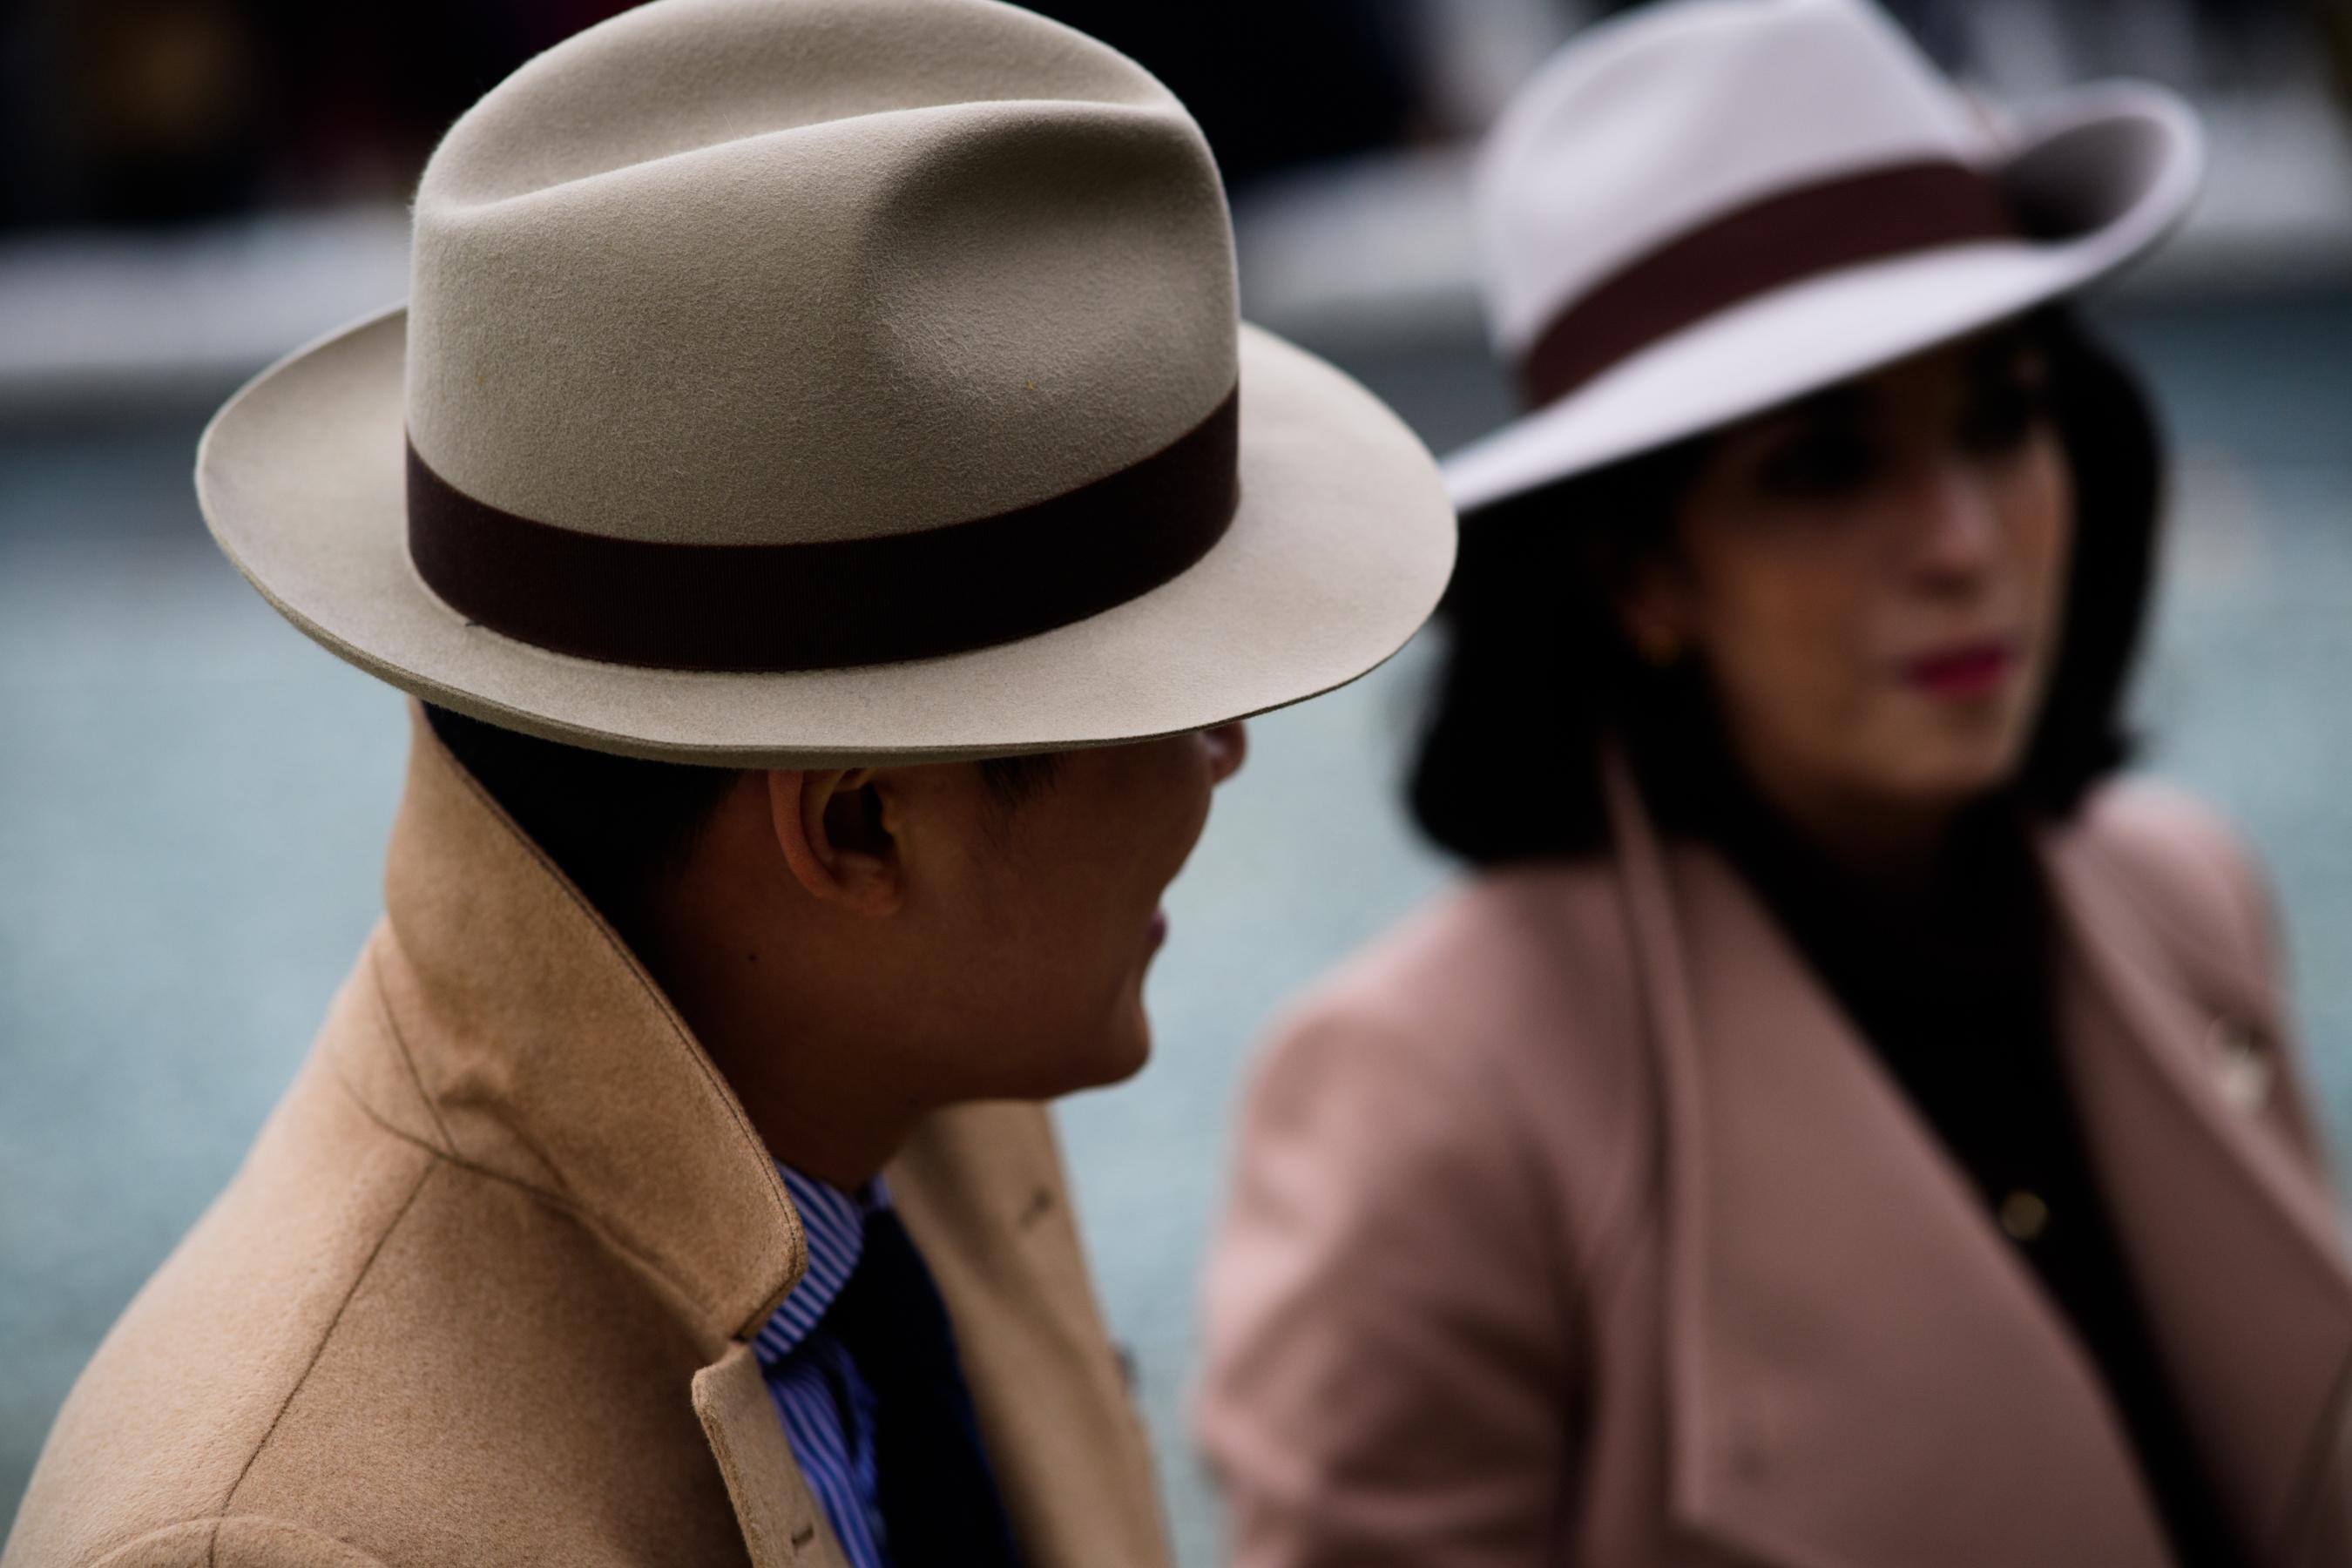 Pitti Uomo 91, street style, estilo de rua, florença, feira de moda, moda masculina, blog de moda masculina, alex cursino, menswear, dicas de moda, como ser estiloso, (2)